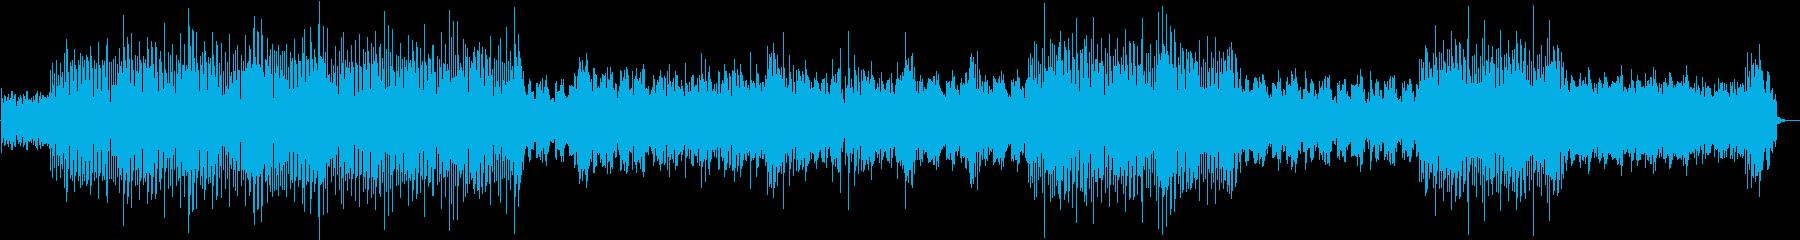 UPテンポでPopなユーロビート風EDMの再生済みの波形